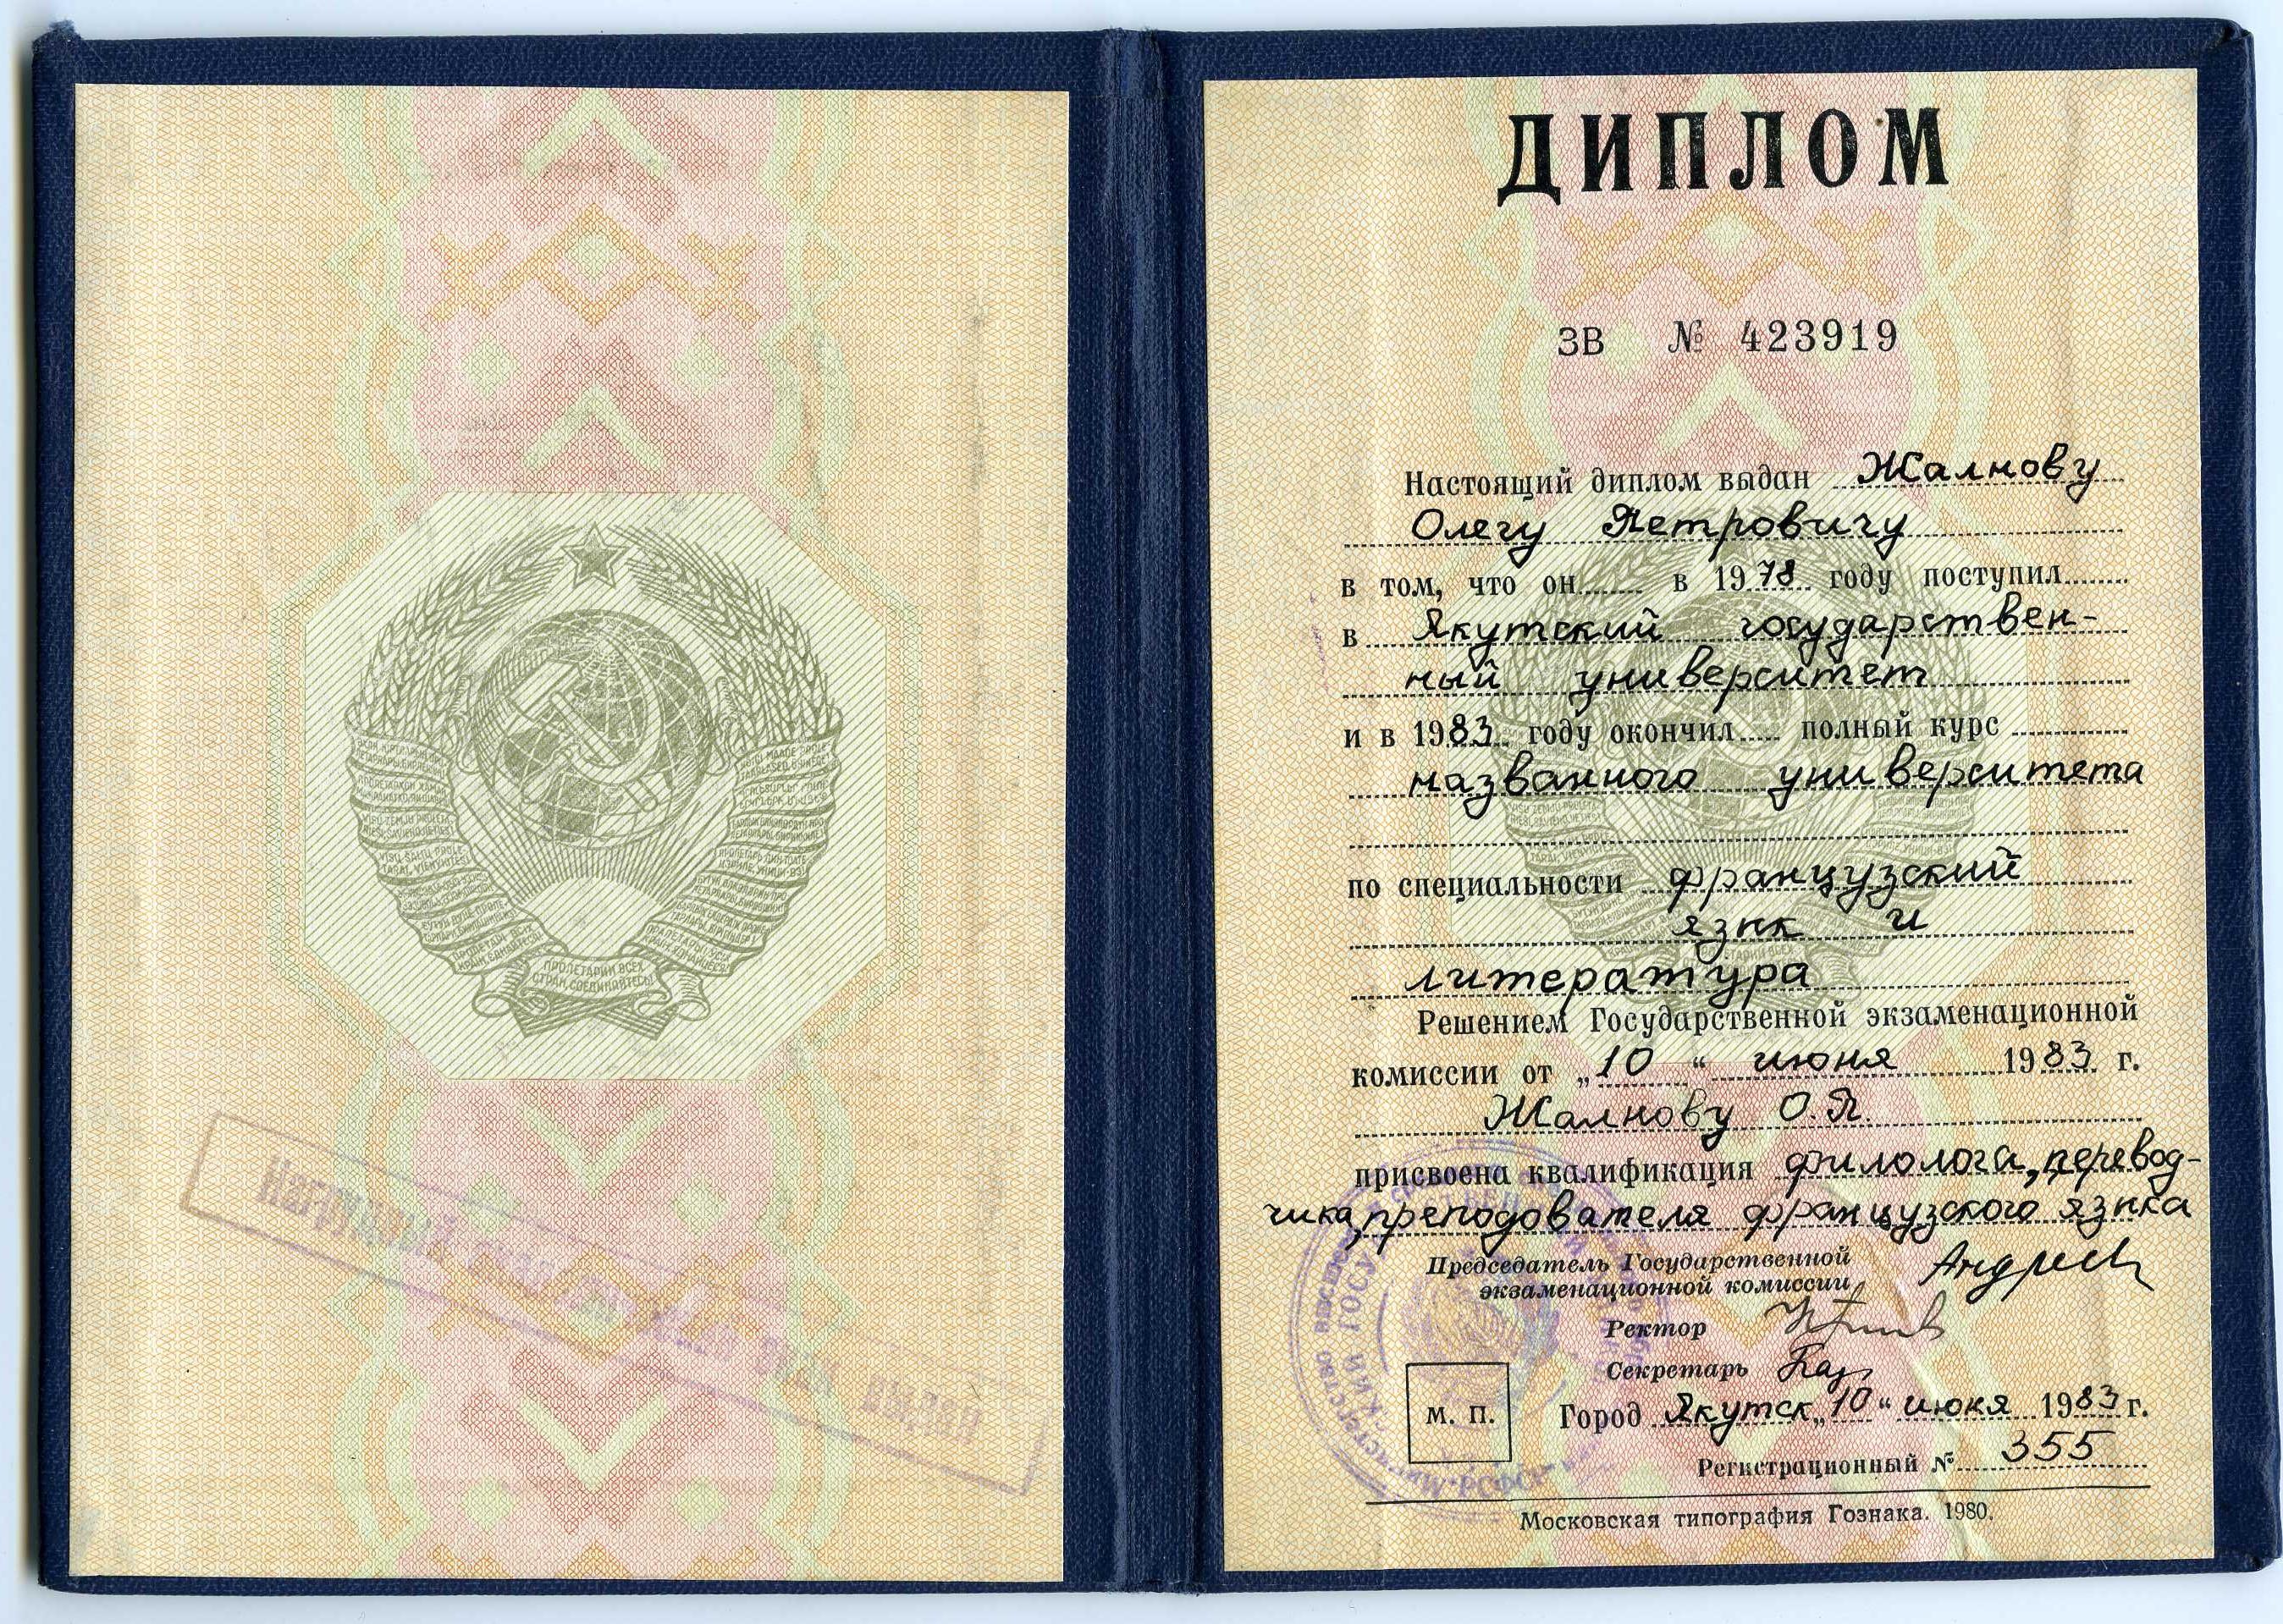 Документы частного детского сада в юао г. Москвы